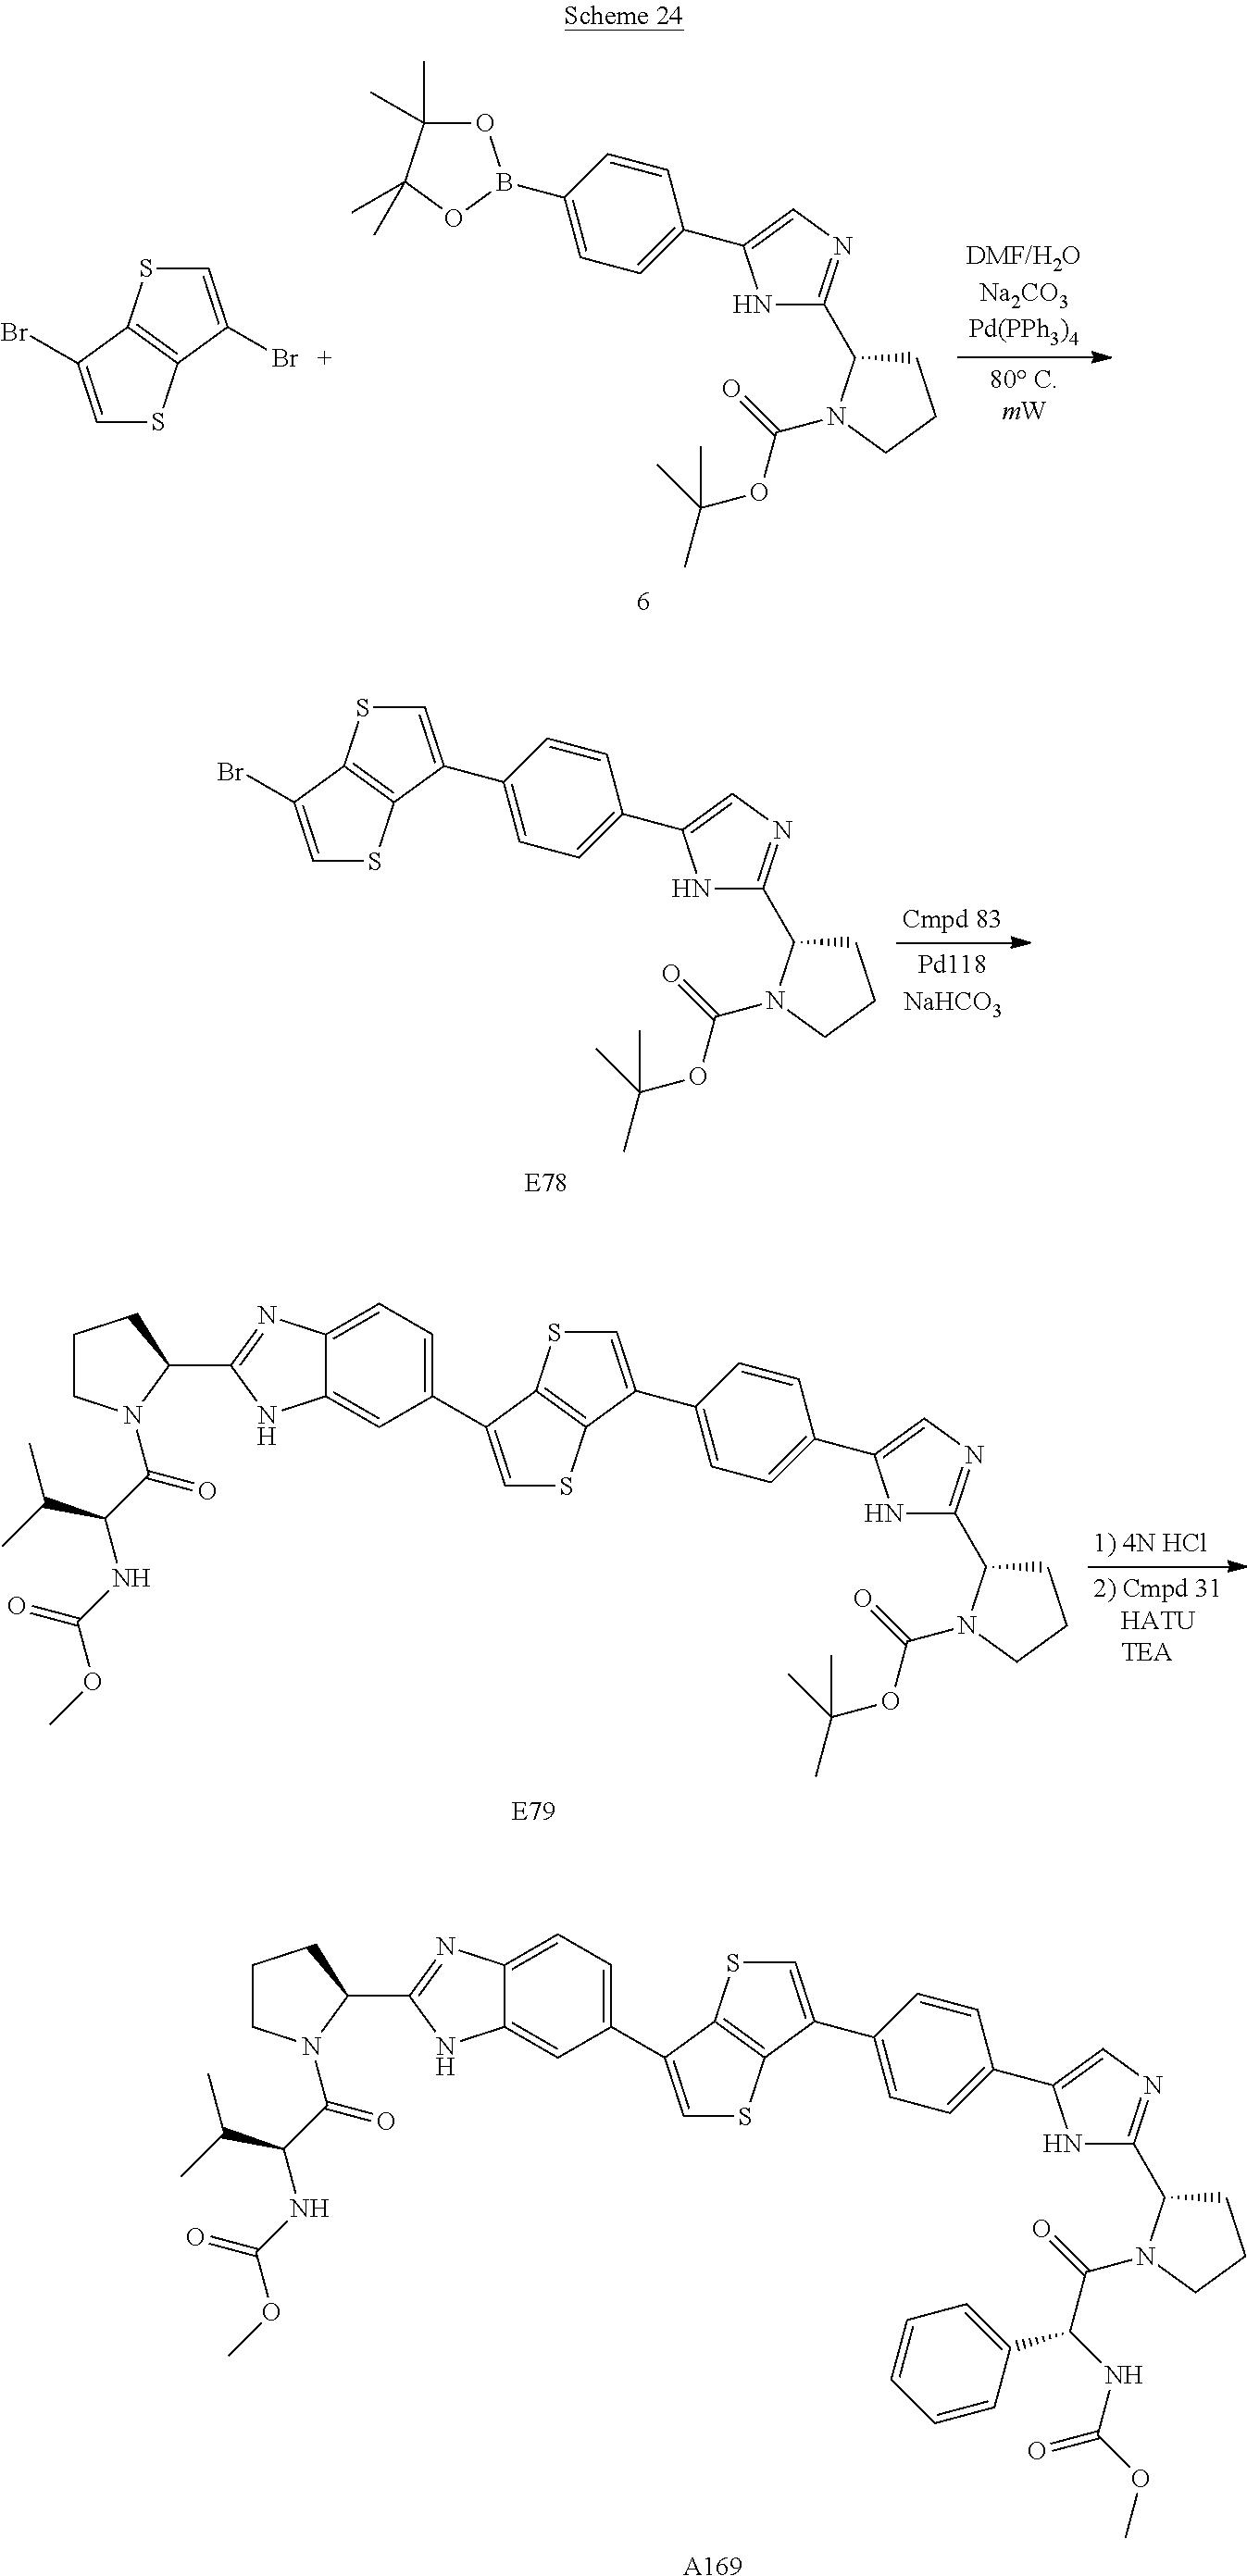 Figure US20120252721A1-20121004-C00517